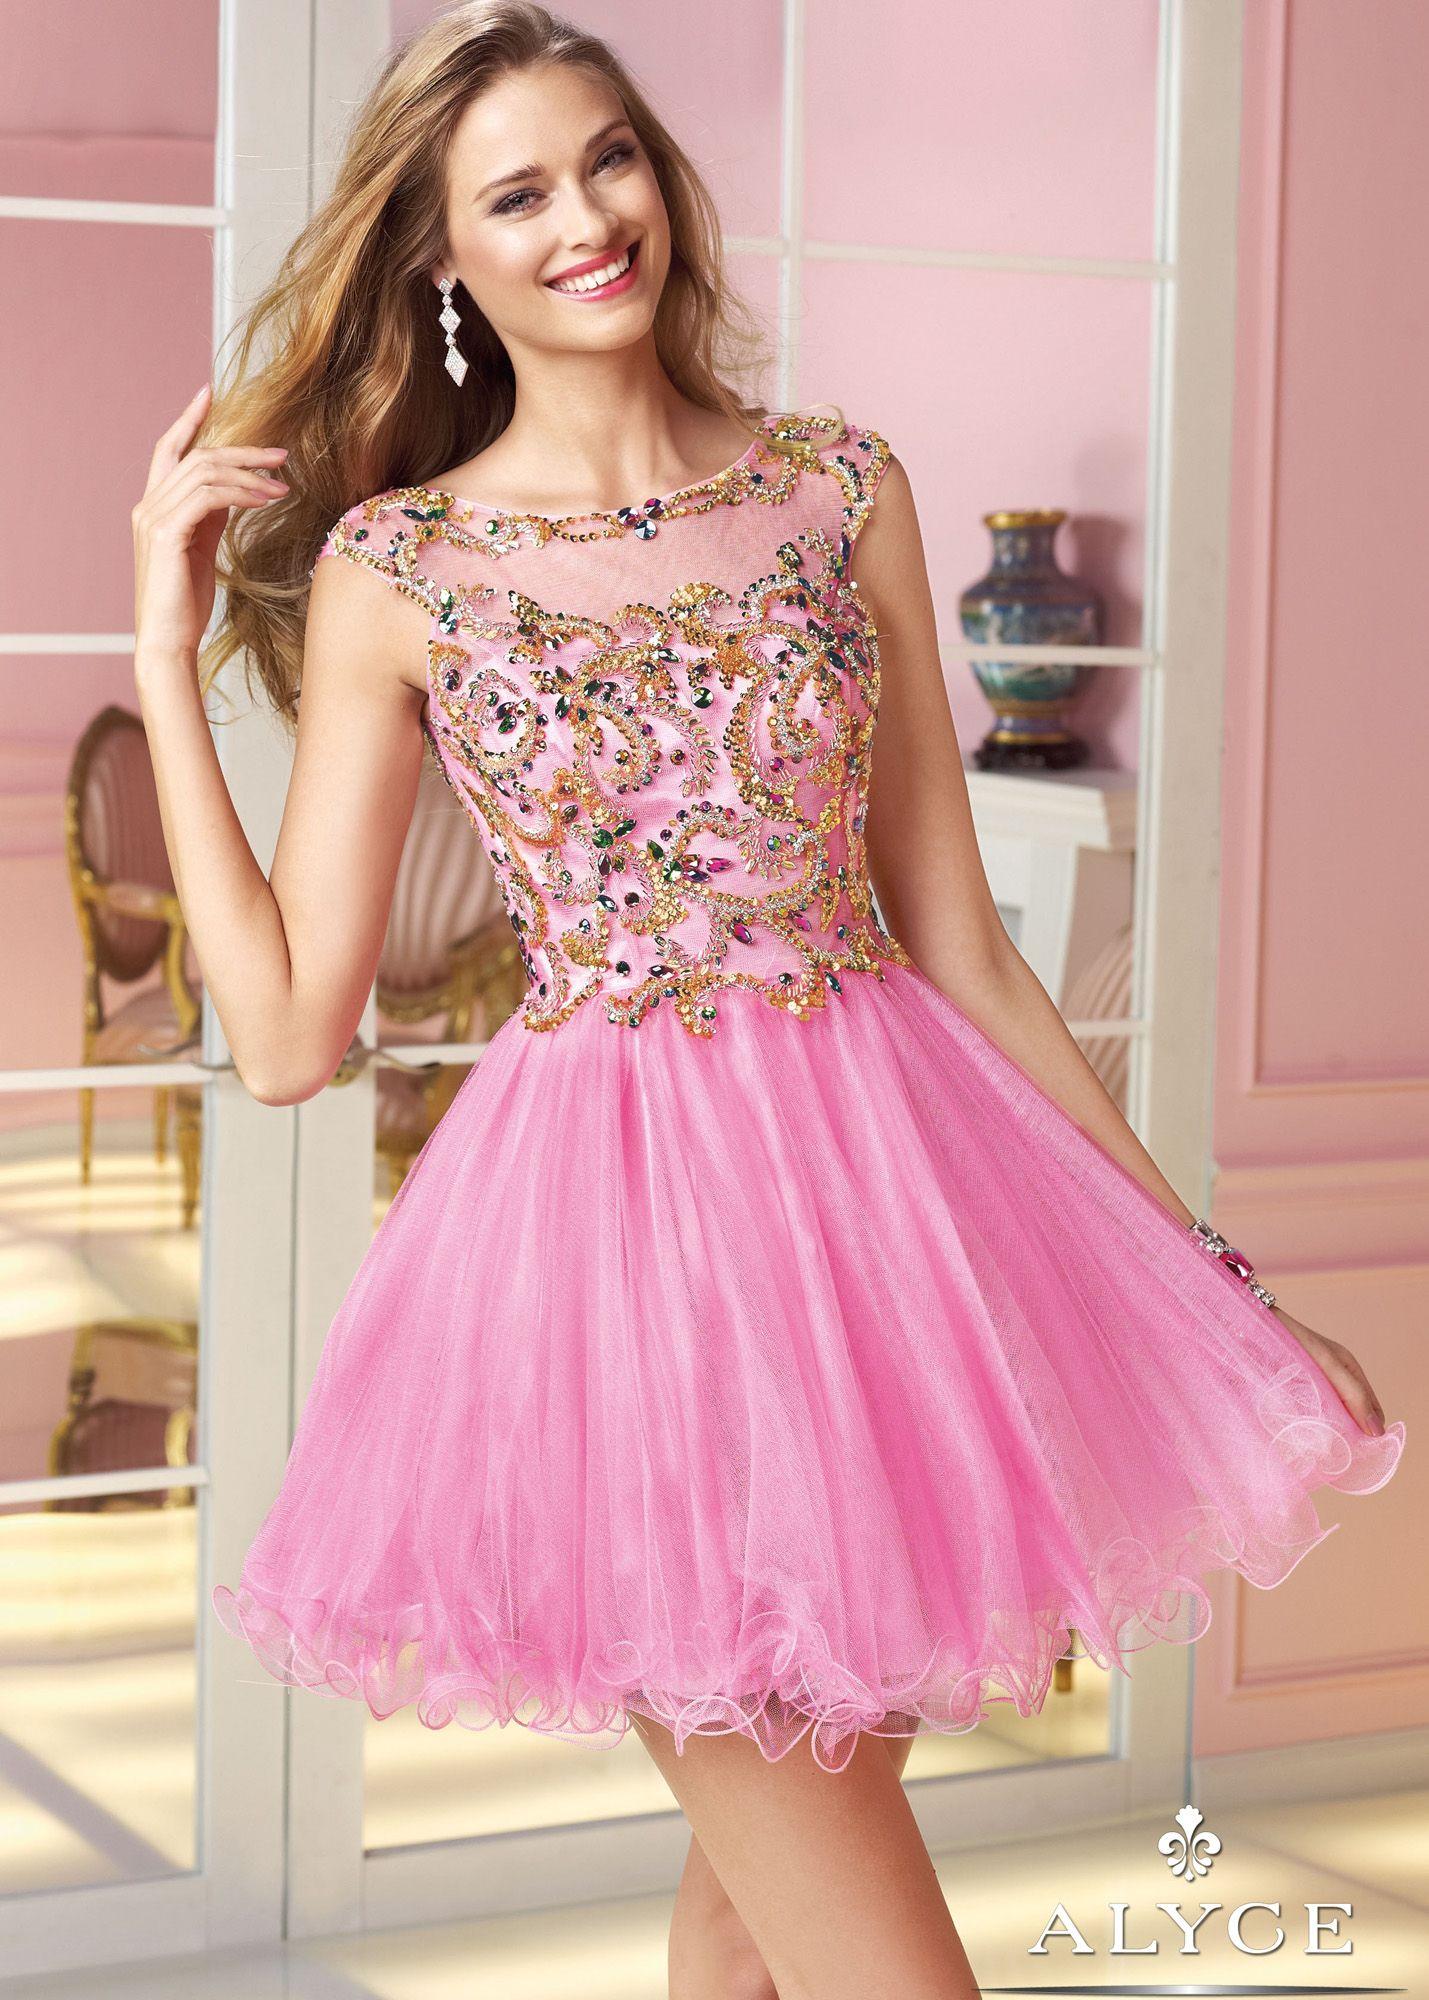 Alyce Paris 3579 - Cosmopolitan Pink Beaded Sheer Neck Sweet 16 ...